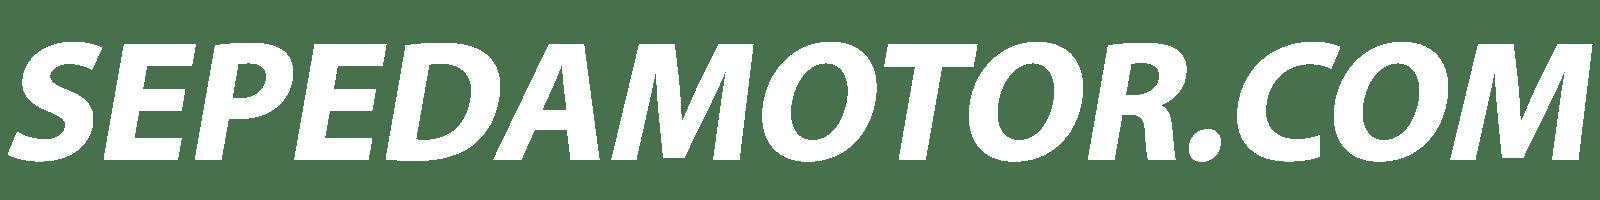 Sepedamotor.com